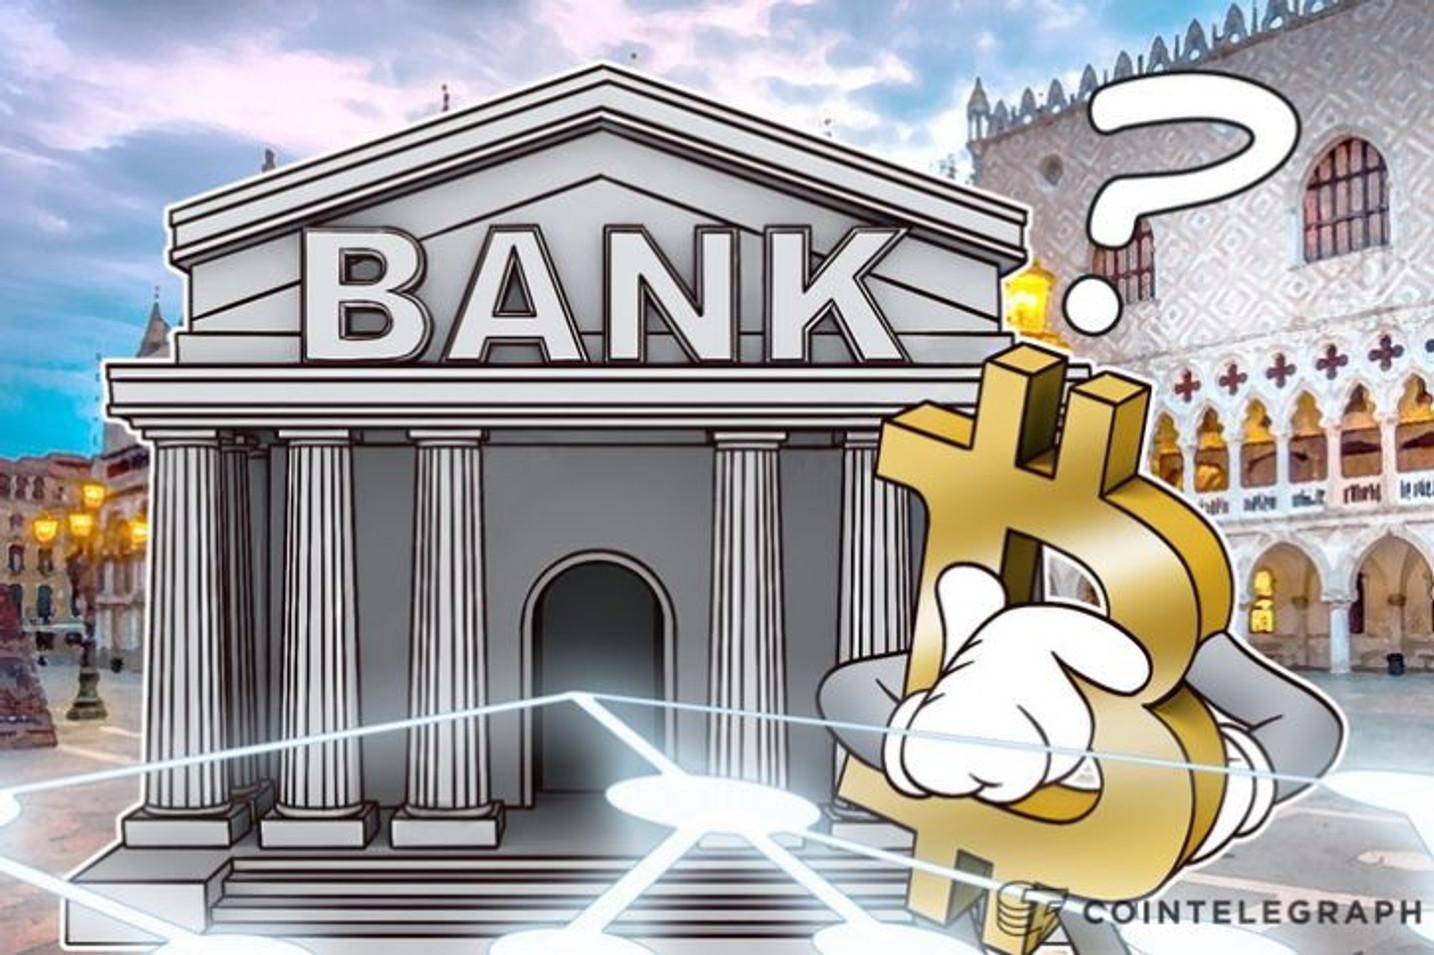 Zašto banke neće uspeti da primene Blockchain tehnologiju